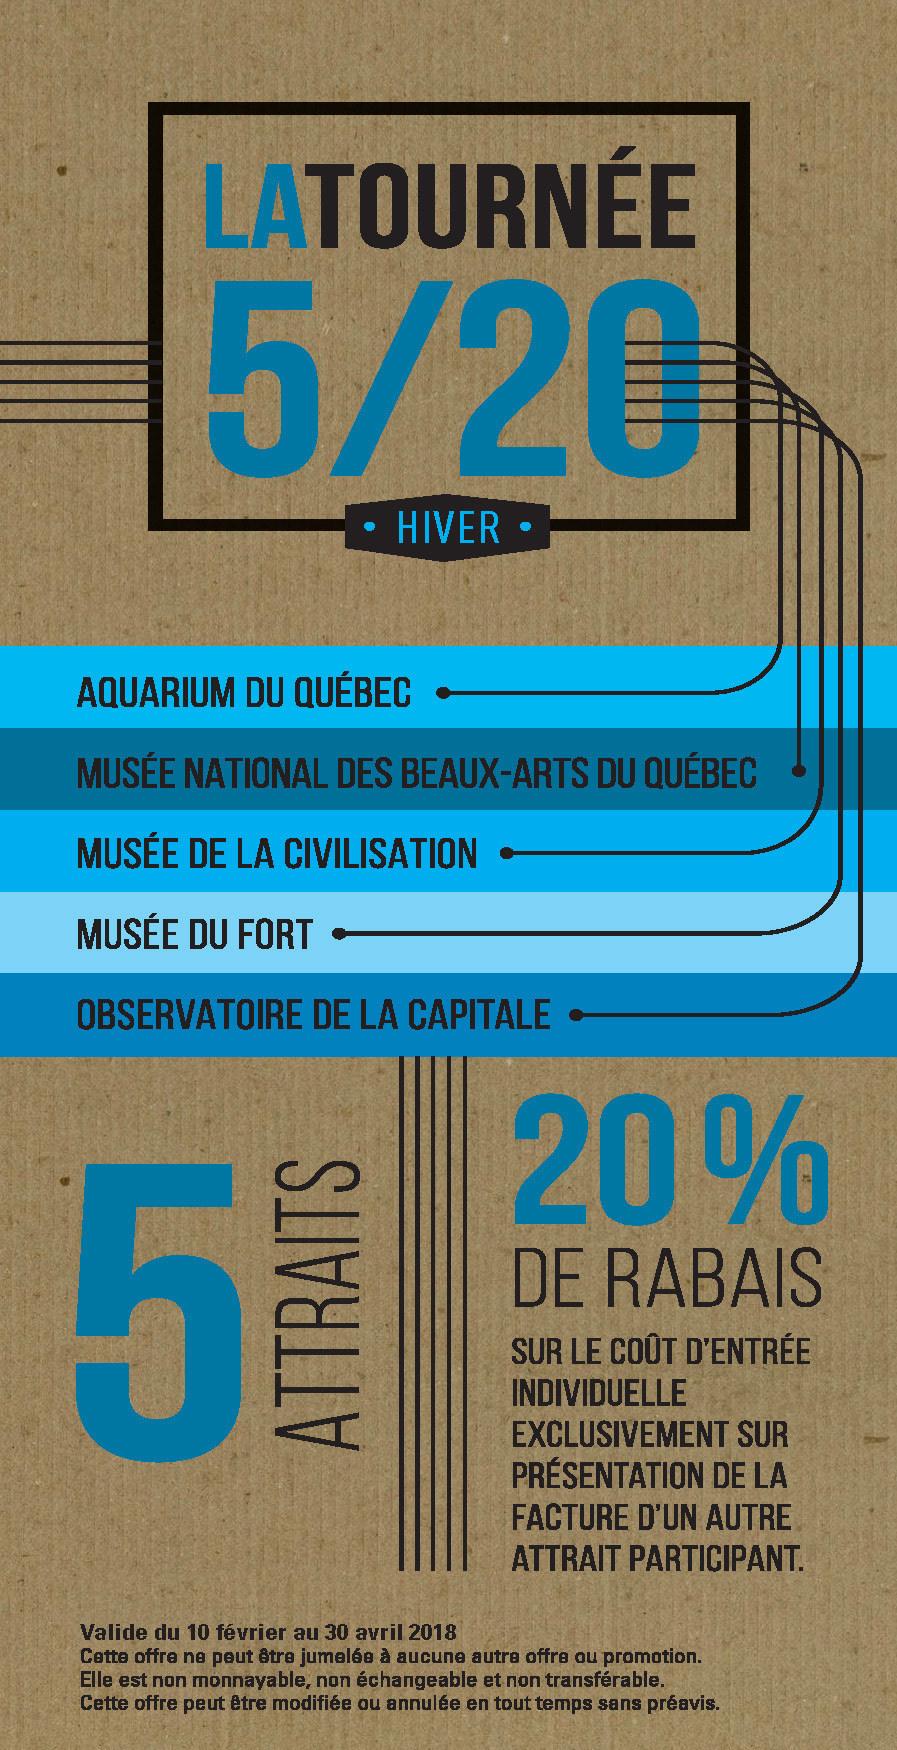 La Tournée 5/20 de retour pour l'hiver! (Groupe CNW/Commission de la capitale nationale du Québec (CCNQ))